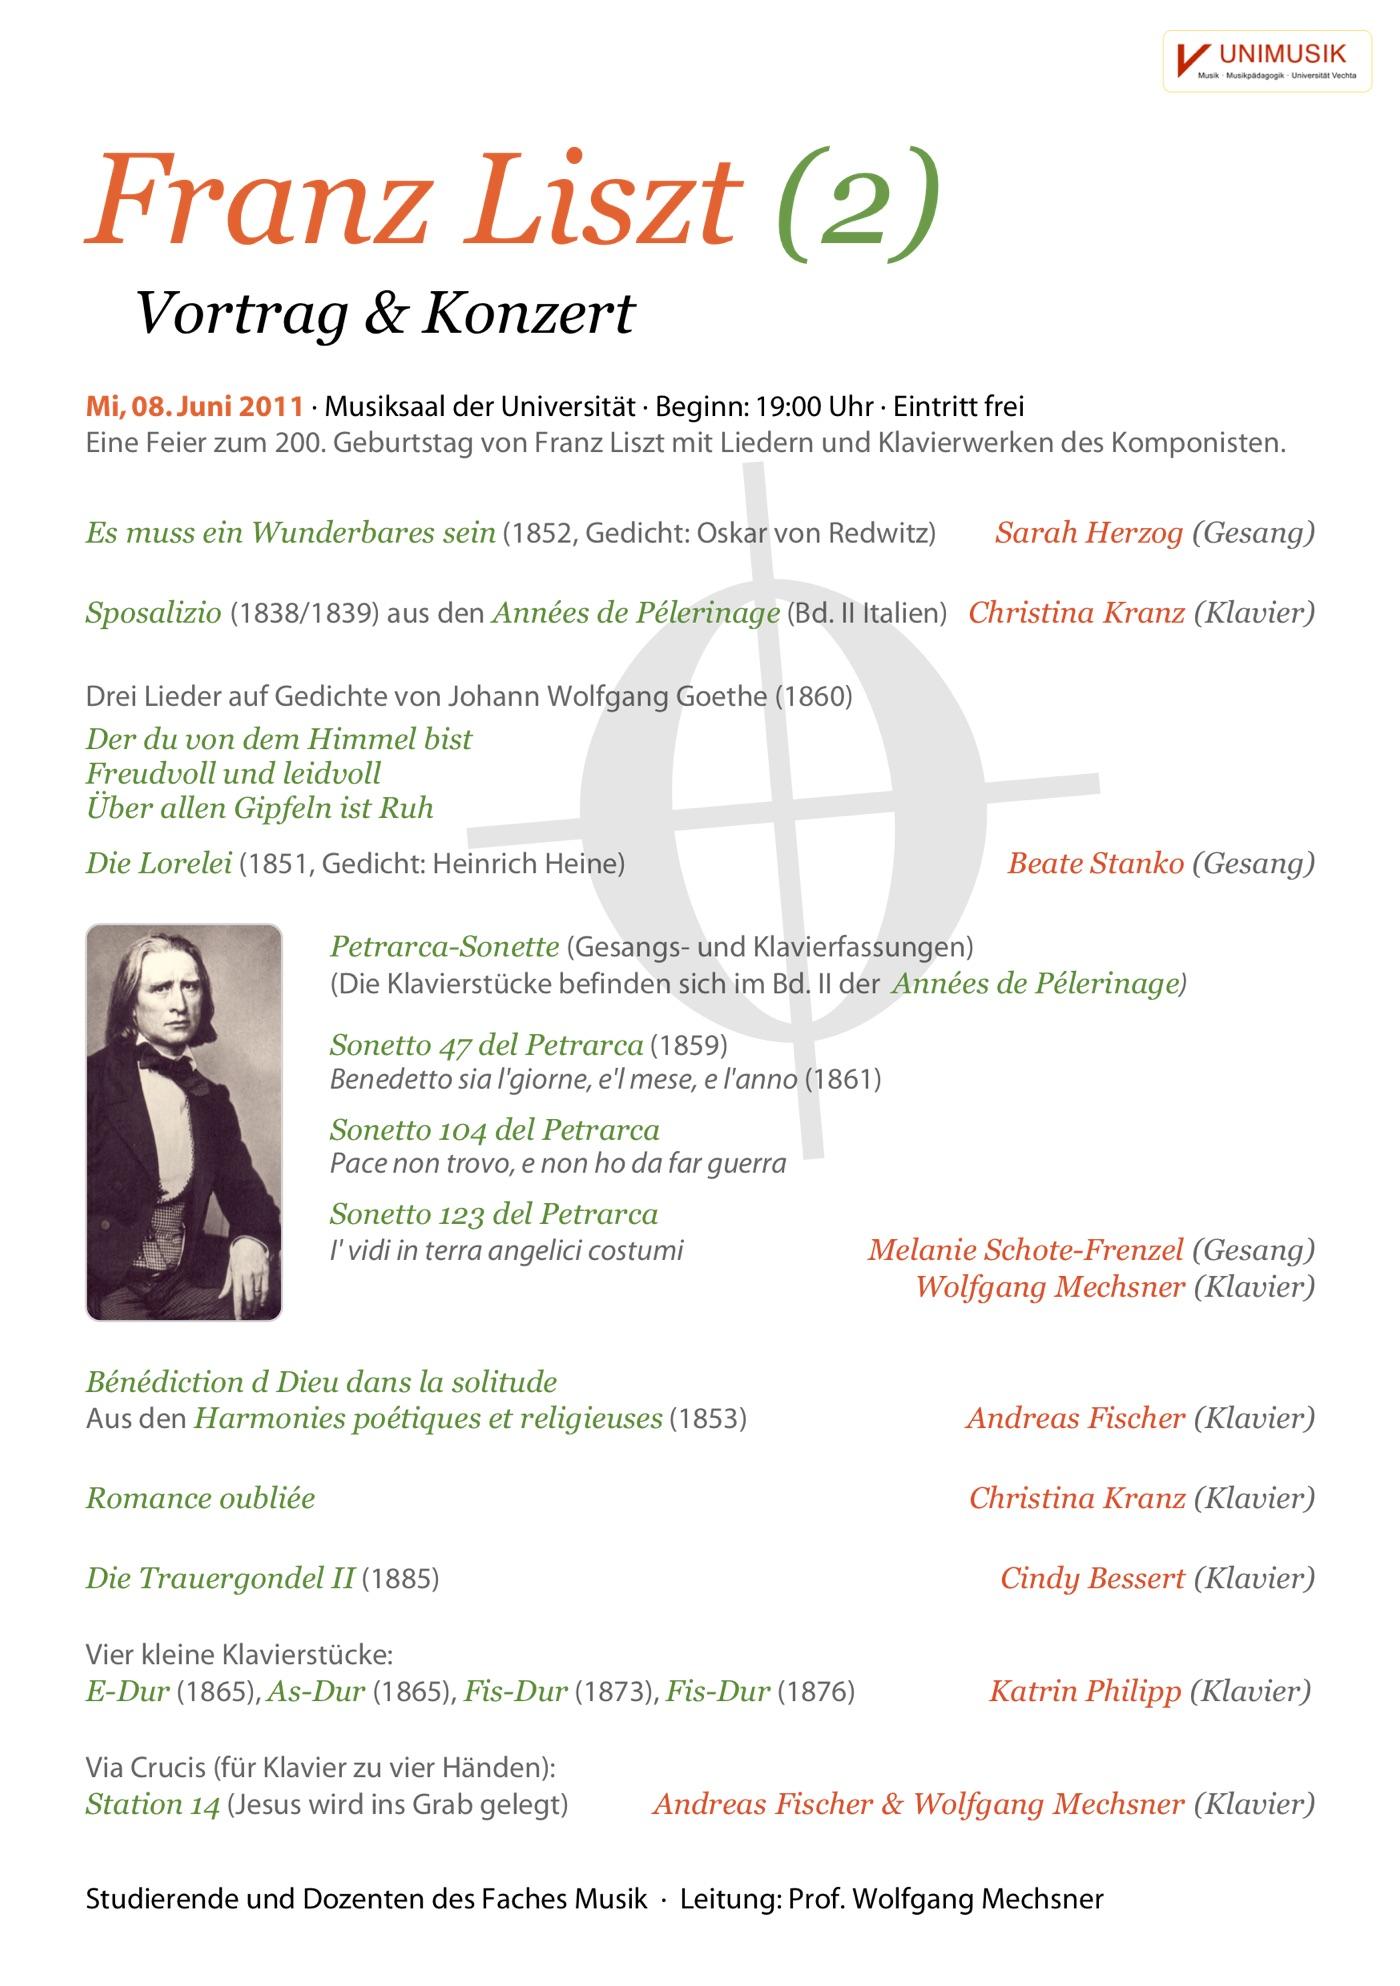 Flyer · Franz Liszt (2) · UNIMUSIK